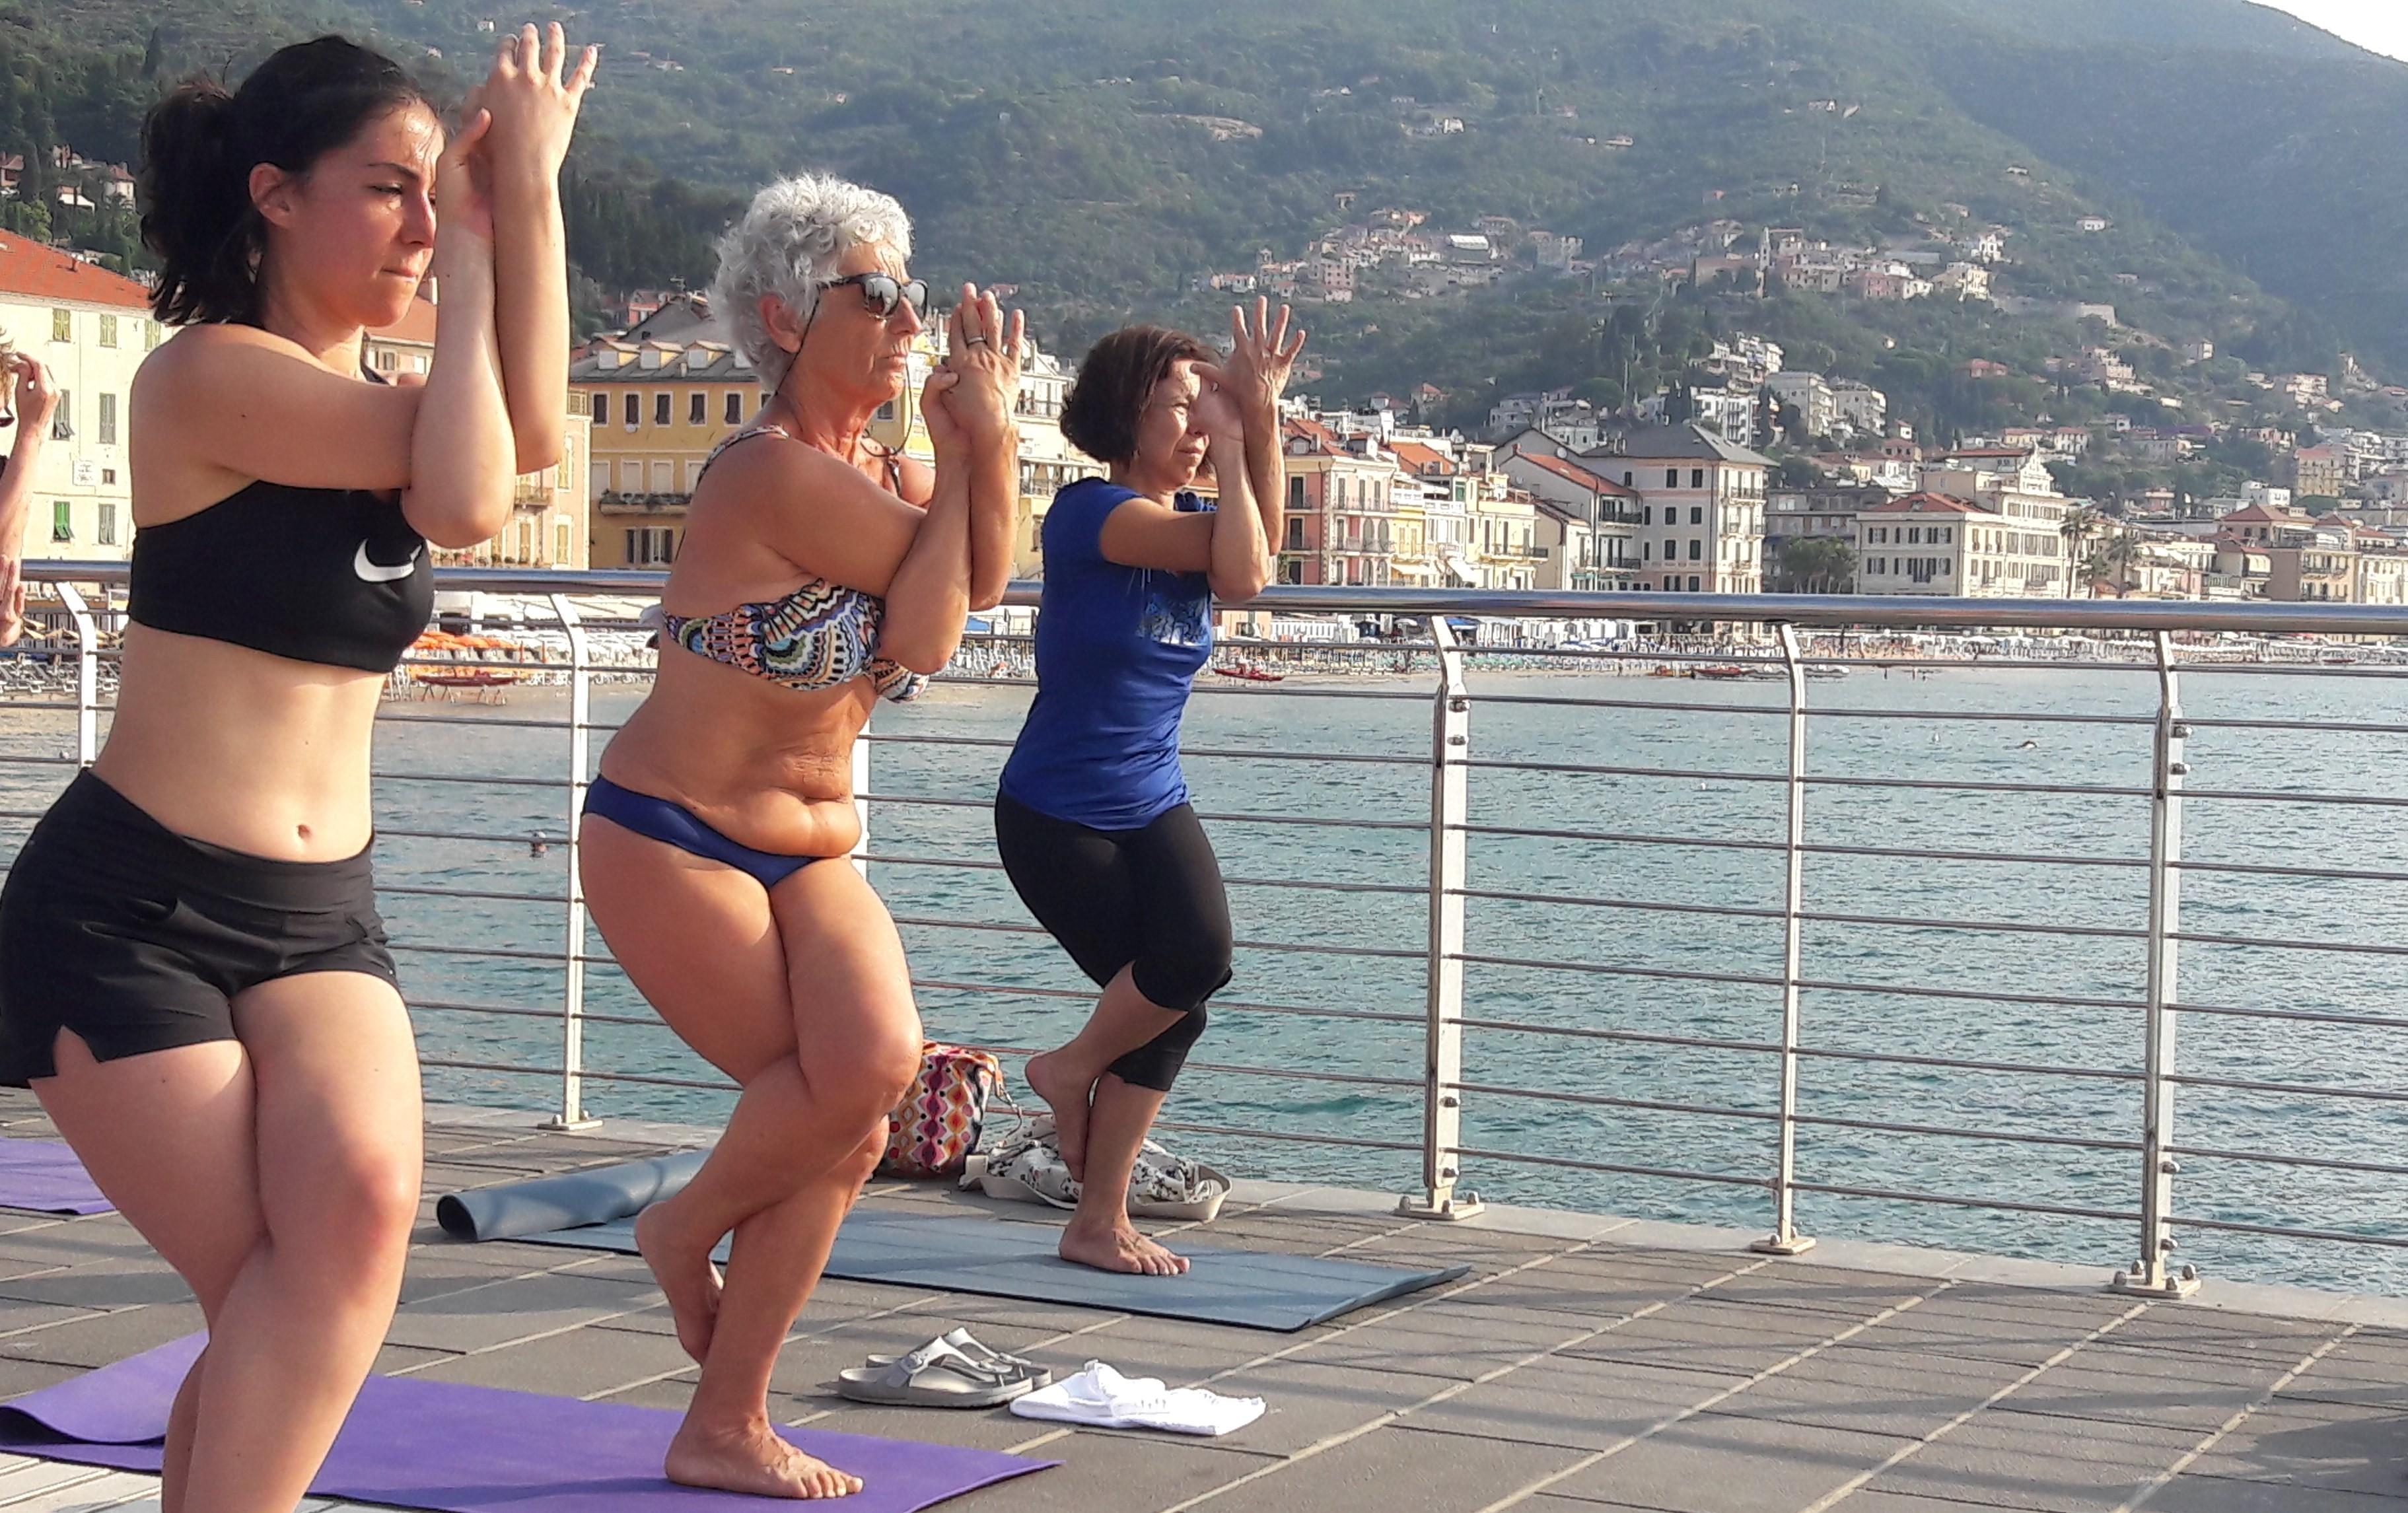 essere-free-yoga-gratuito-benessere-per-tutti-village-citta-alassio-estate-lucia-ragazzi-summer-town-wellness-022